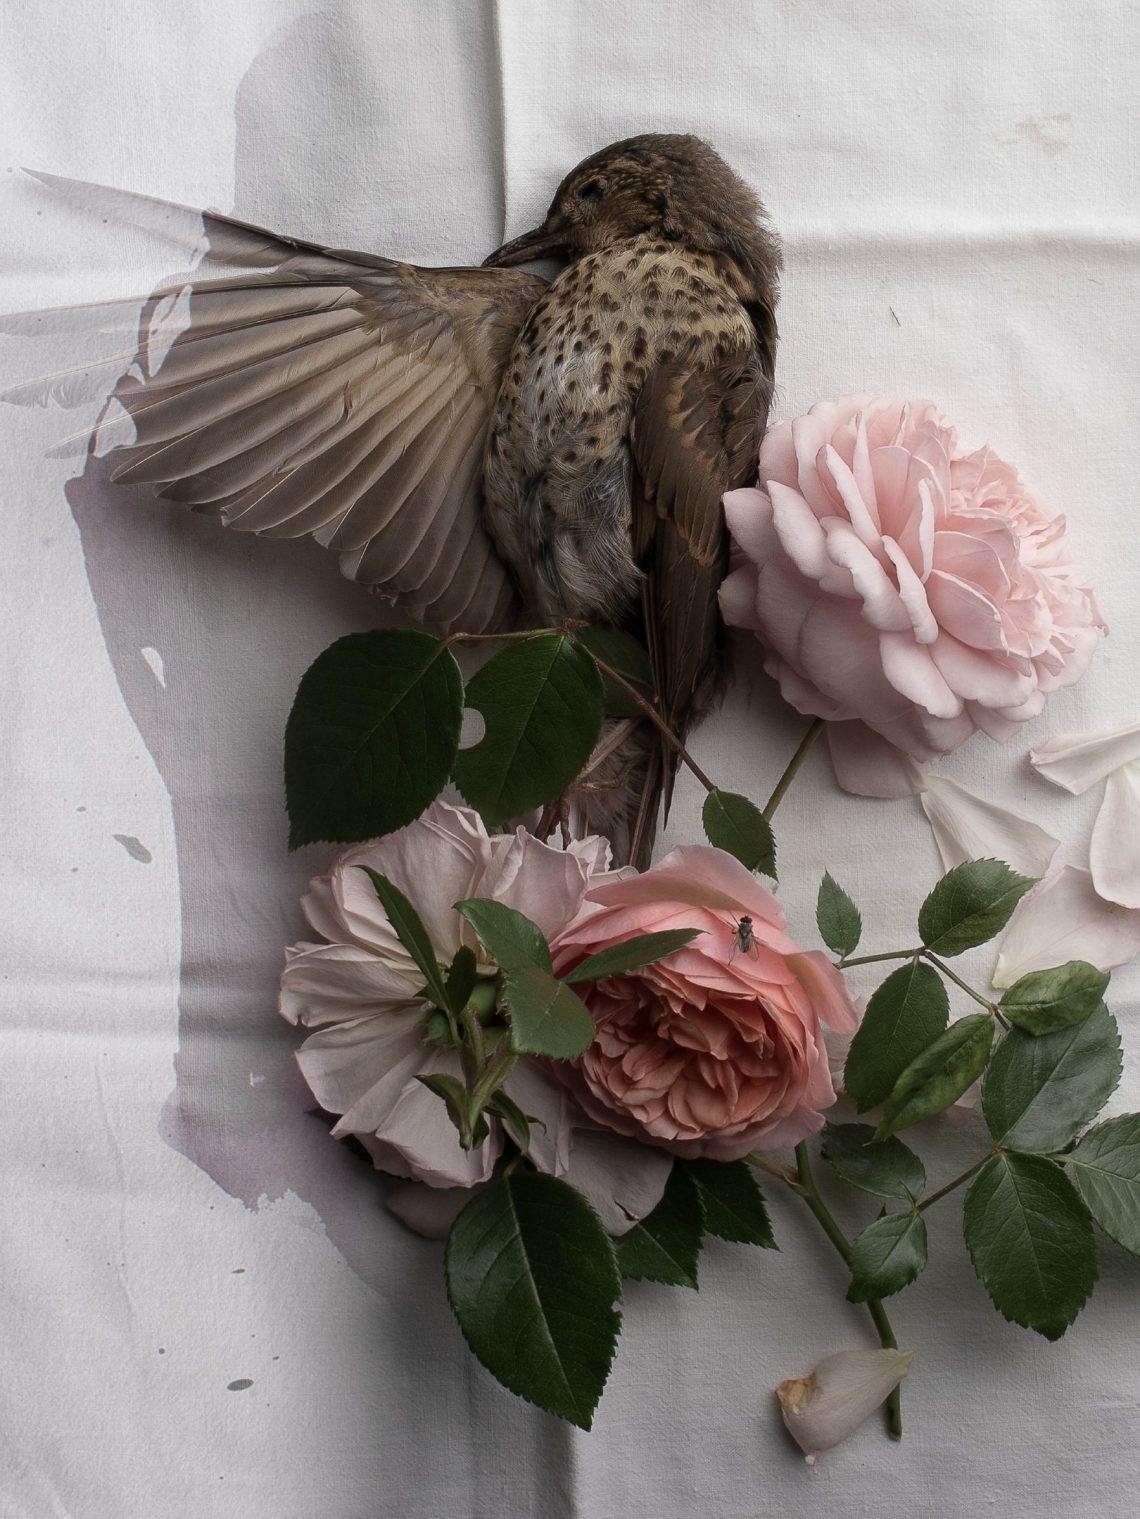 Photographie Carole Charbonnier